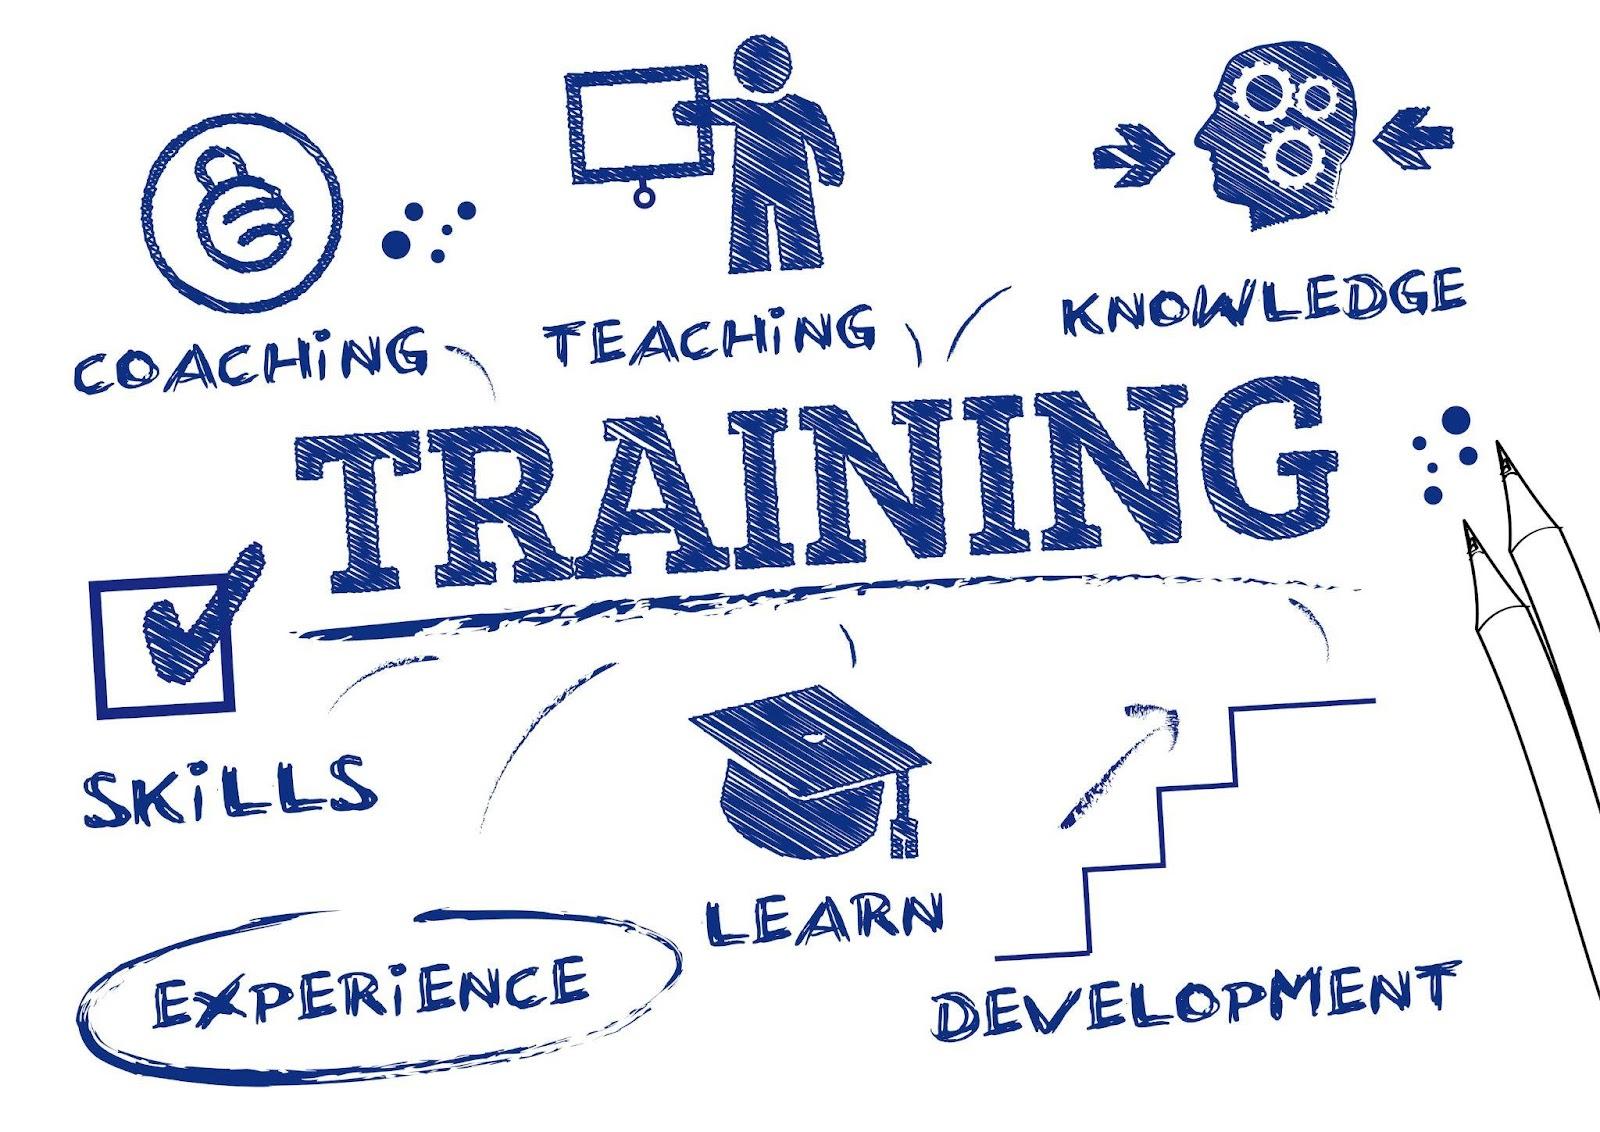 Khám phá quy trình đào tạo nguồn nhân lực trong doanh nghiệp